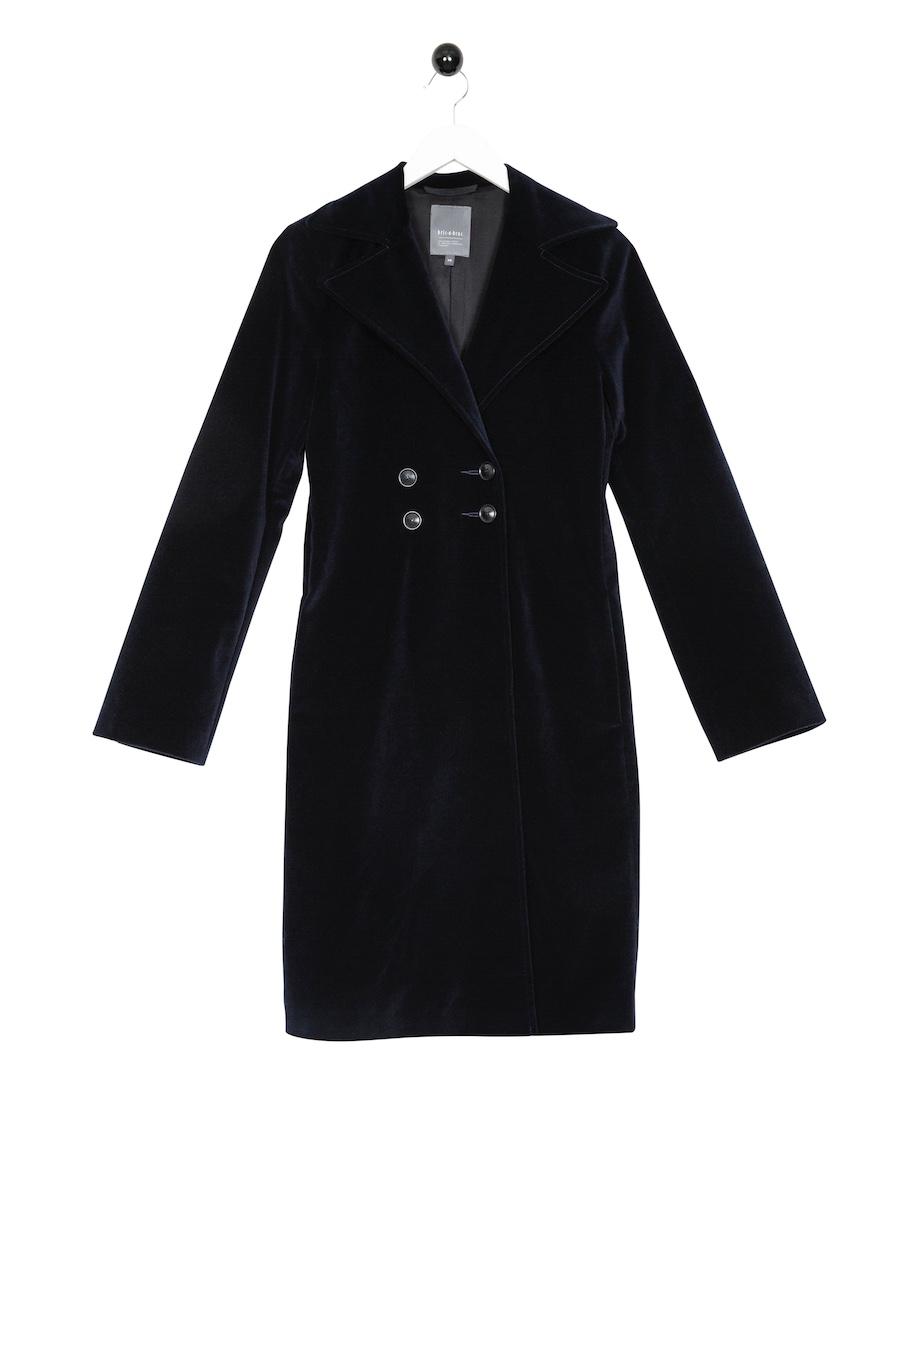 Shian Coat